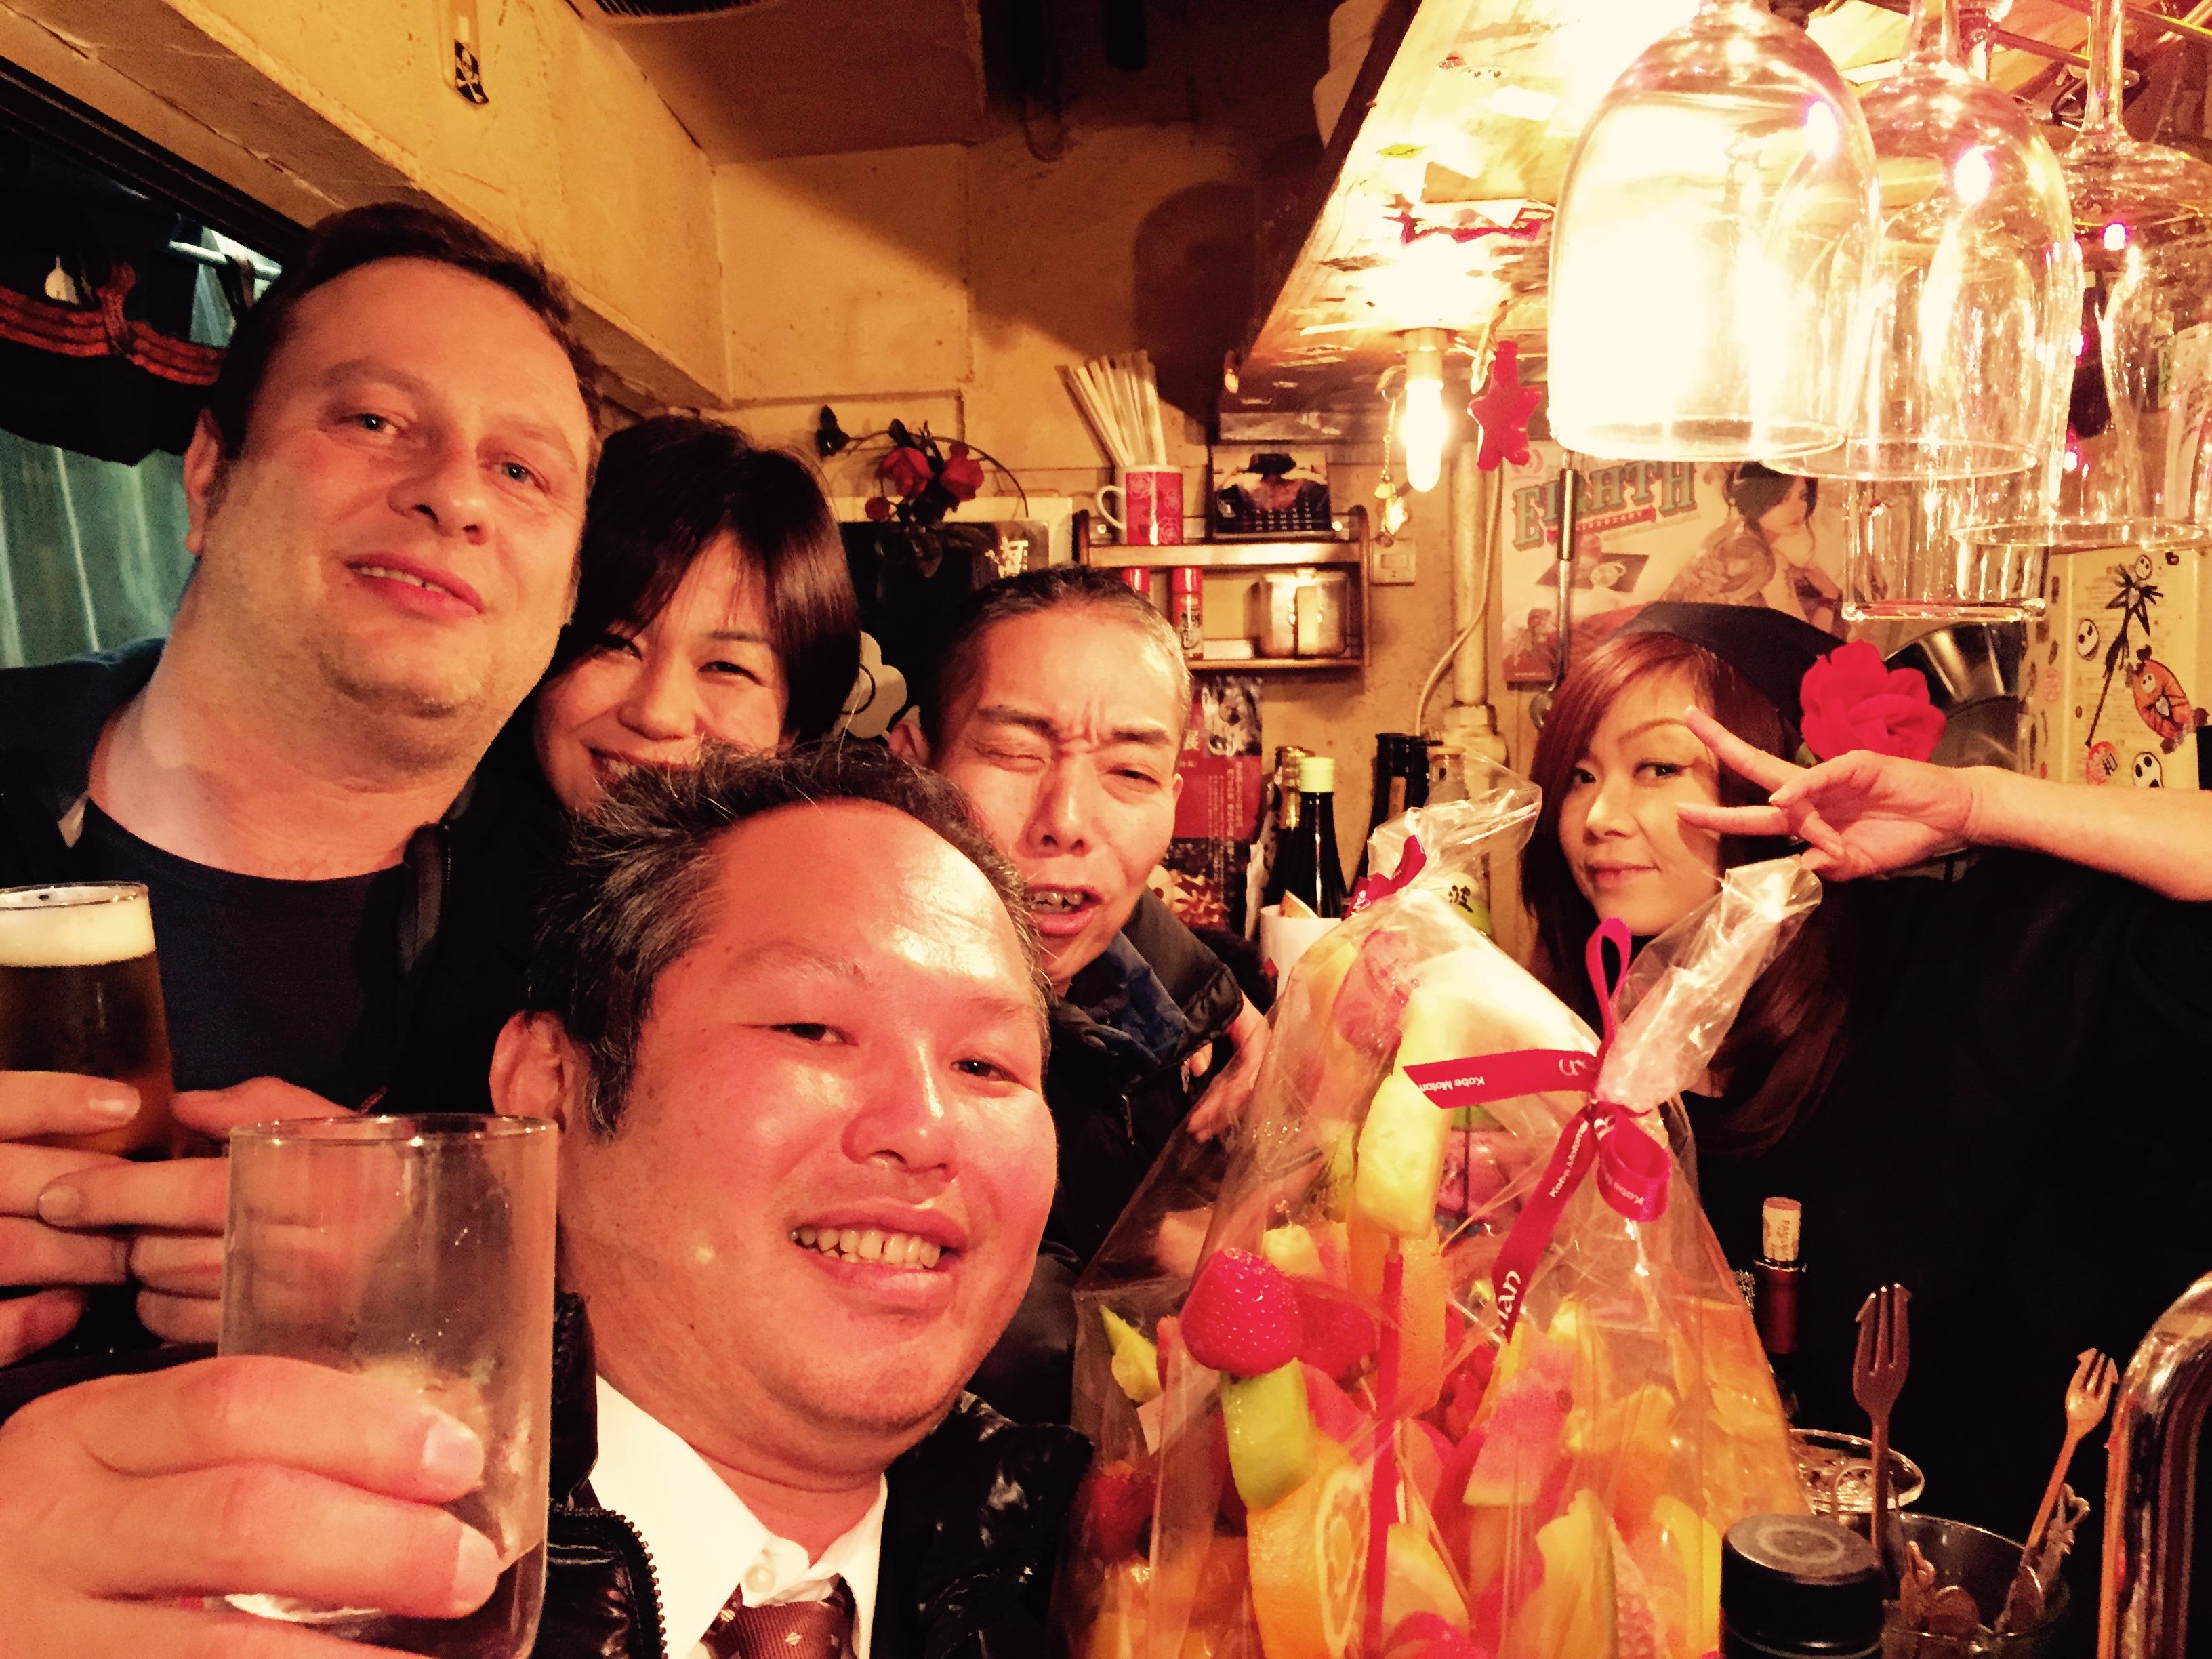 In einer 3m2 grossen Bar haben 8 Leute Platz, mit einer schrägen Barkeeperin Carmen, die ihr 8-jähriges Barjubiläum feiert